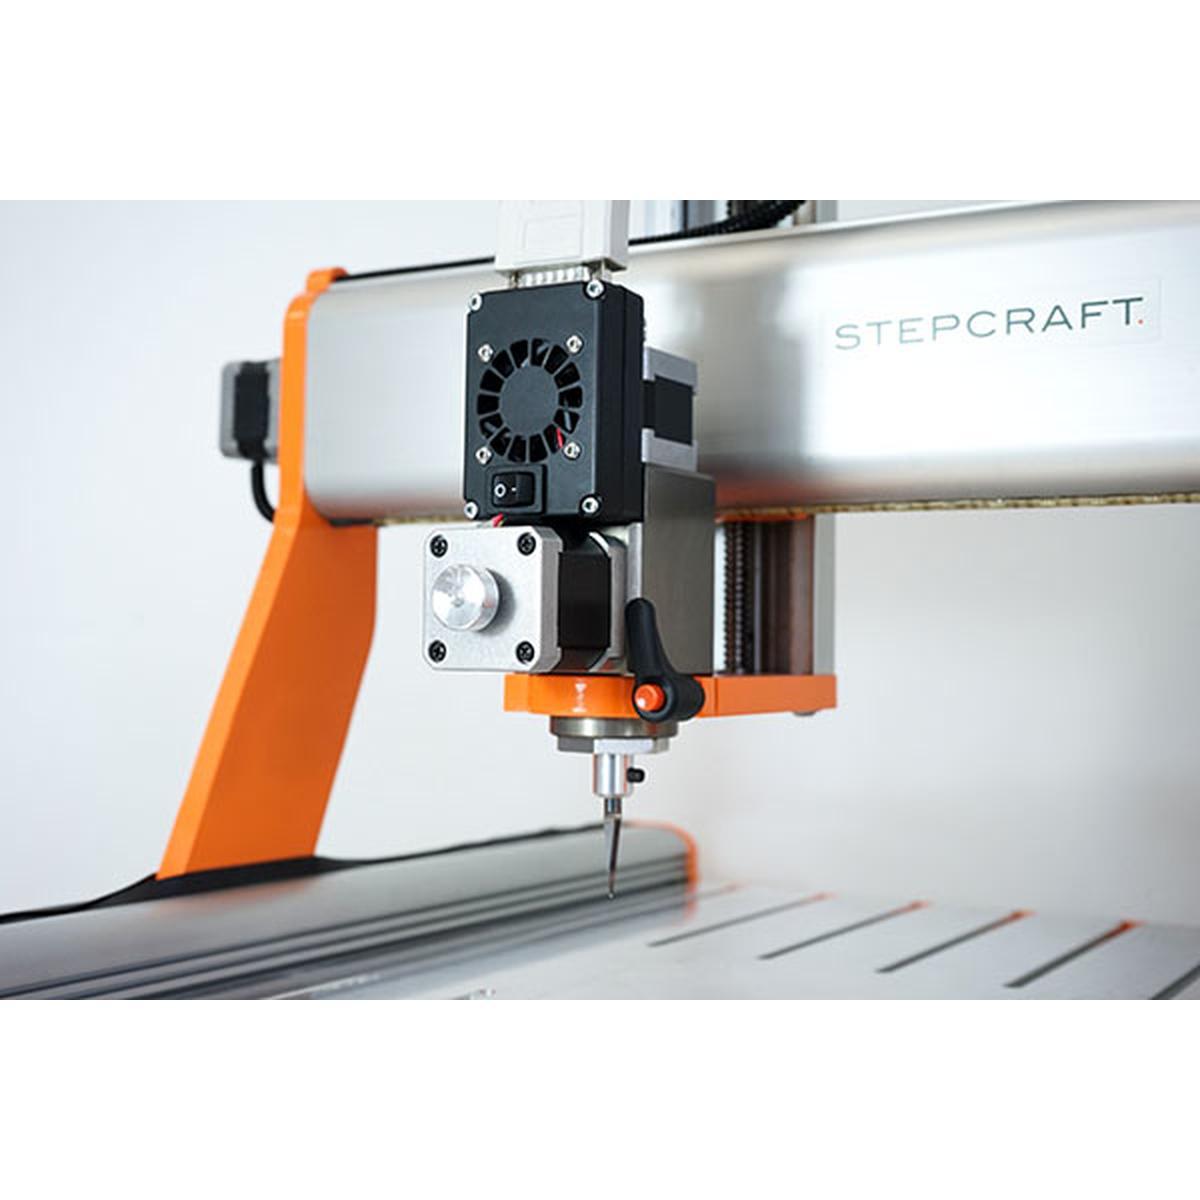 Stepcraft D-Series 7 StepCraft CNC Systems- CNCshop.gr Stepcraft Greece